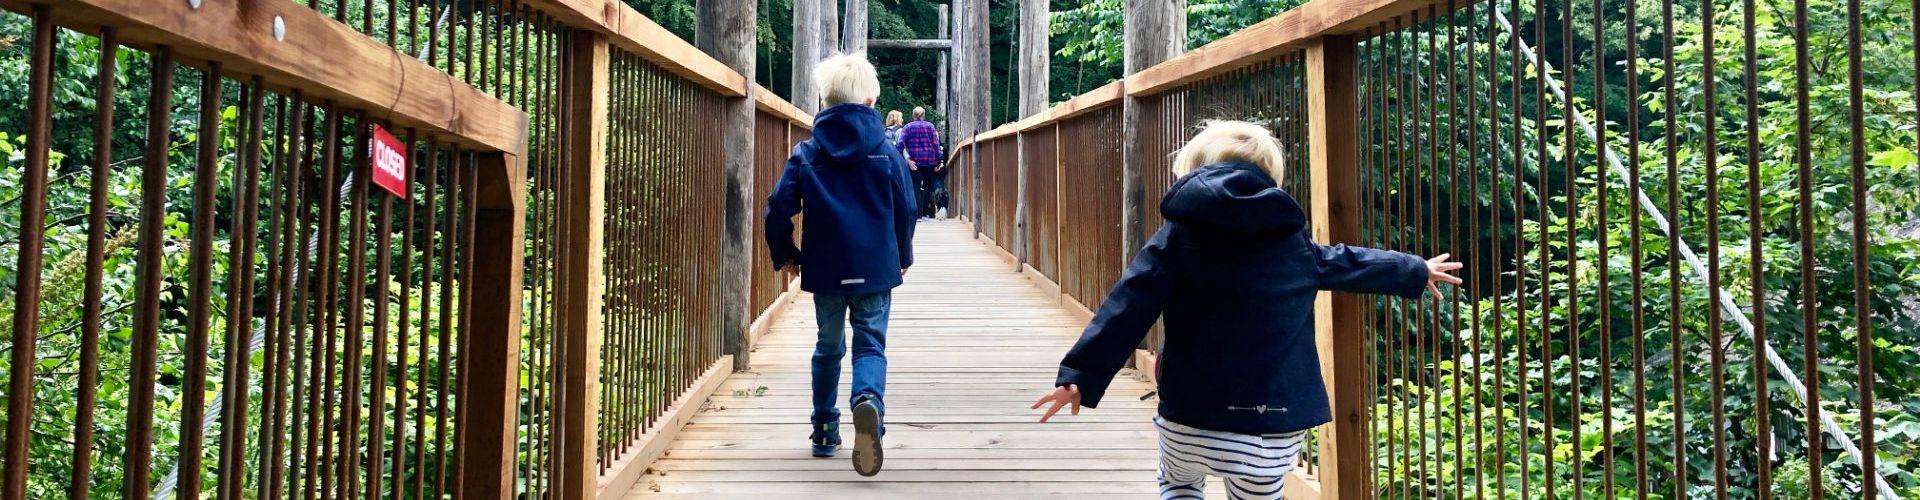 Vakantie in Denemarken met kinderen